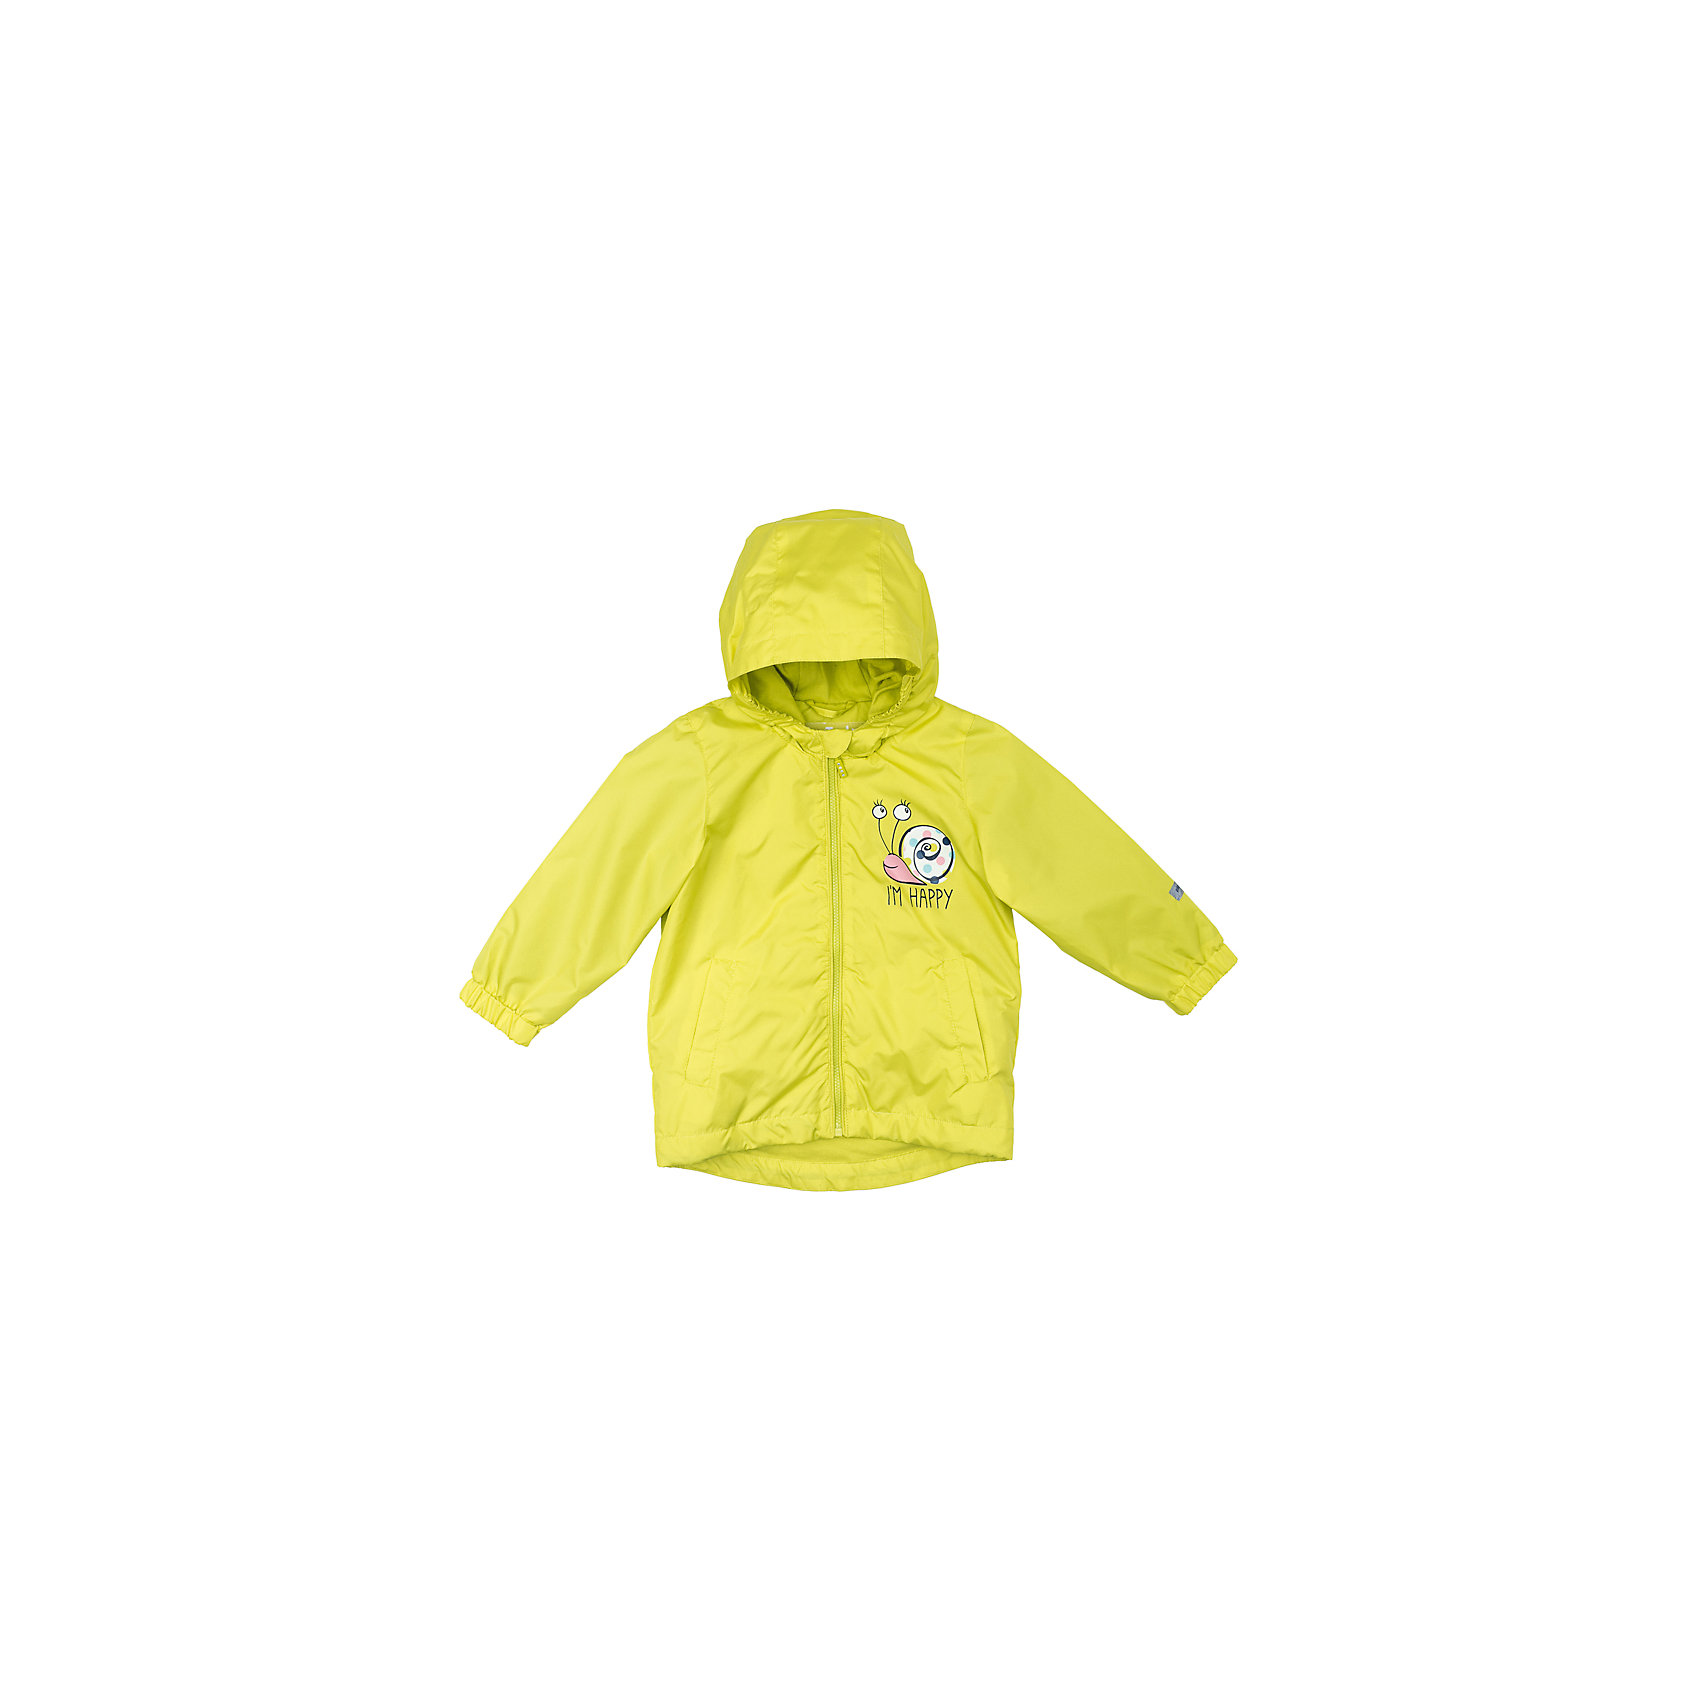 Куртка для девочки PlayTodayКуртка для девочки PlayToday<br>Куртка со специальной водоотталкивающей пропиткой с заниженной спинкой защитит Вашего ребенка в любую погоду! Специальный карман для фиксации застежки - молнии не позволит застежке травмировать нежную кожу ребенка. Мягкие резинки на рукавах и по низу изделия защитят Вашего ребенка - ветер не сможет проникнуть под куртку. Модель с резинкой на капюшоне - даже во время активных игр капюшон не упадет с головы ребенка. Модель на подкладке из натурального материала. Подойдет даже для самых активных детей - подкладка хорошо впитывает влагу. Наличие светоотражателей обеспечит безопасность Вашего ребенка - он будет виден в темное время суток. Модель декорирована ярким принтом.Преимущества: Защита подбородка. Специальный карман для фиксации застежки - молнии не позволит застежке травмировать нежную кожу ребенкаНатуральная ткань подкладки хорошо впитывает влагу, приятна к телу и не вызывает раздраженийСветоотражатели на рукаве и по низу изделия.<br>Состав:<br>Верх: 100% полиэстер, подкладка: 80% хлопок, 20% полиэстер<br><br>Ширина мм: 356<br>Глубина мм: 10<br>Высота мм: 245<br>Вес г: 519<br>Цвет: разноцветный<br>Возраст от месяцев: 18<br>Возраст до месяцев: 24<br>Пол: Женский<br>Возраст: Детский<br>Размер: 92,74,80,86<br>SKU: 5408238